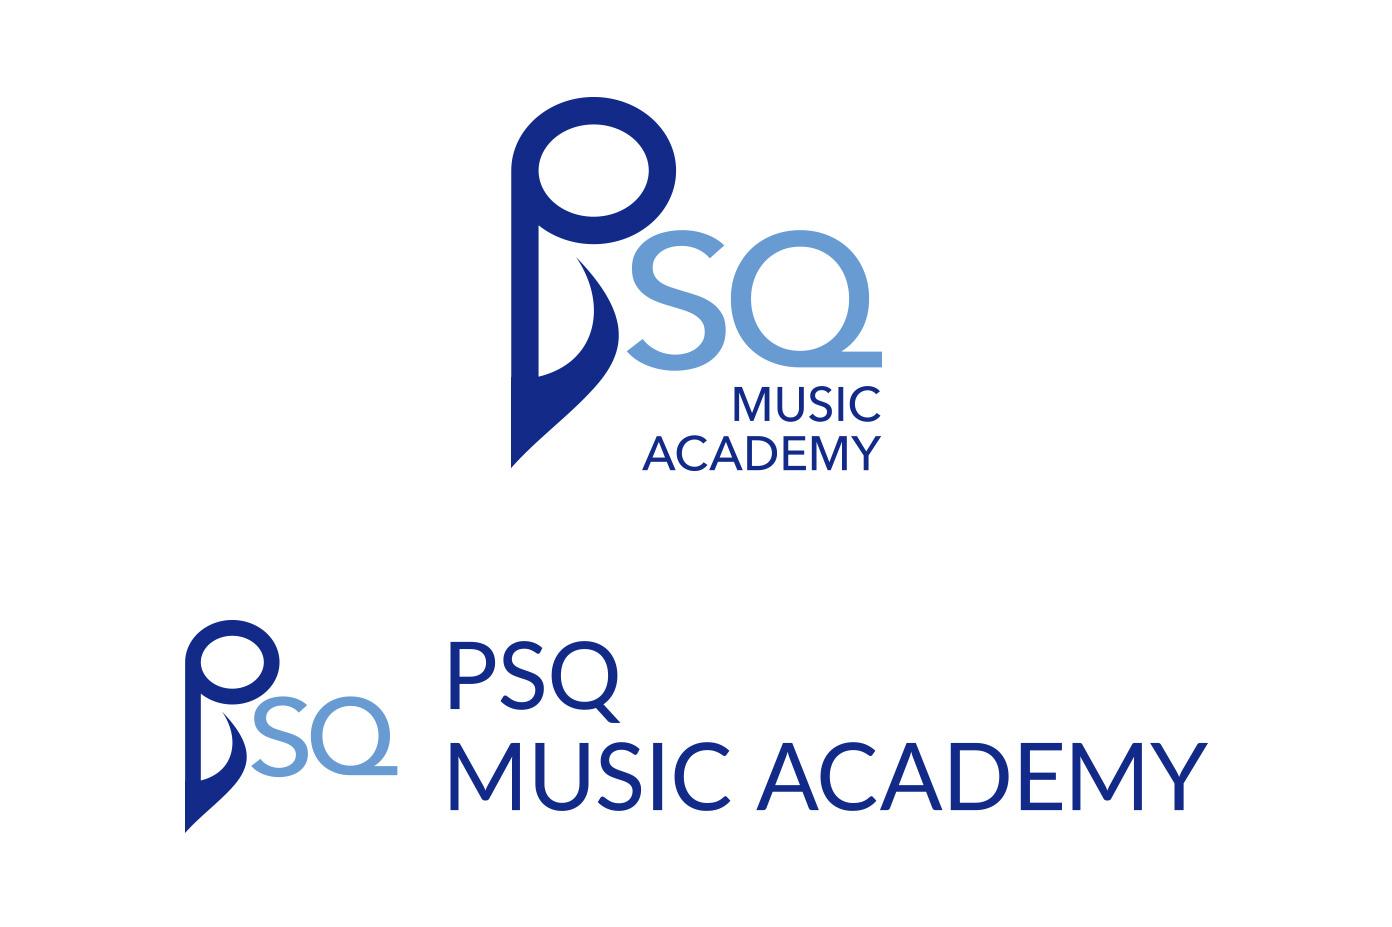 音楽スクールのロゴデザイン